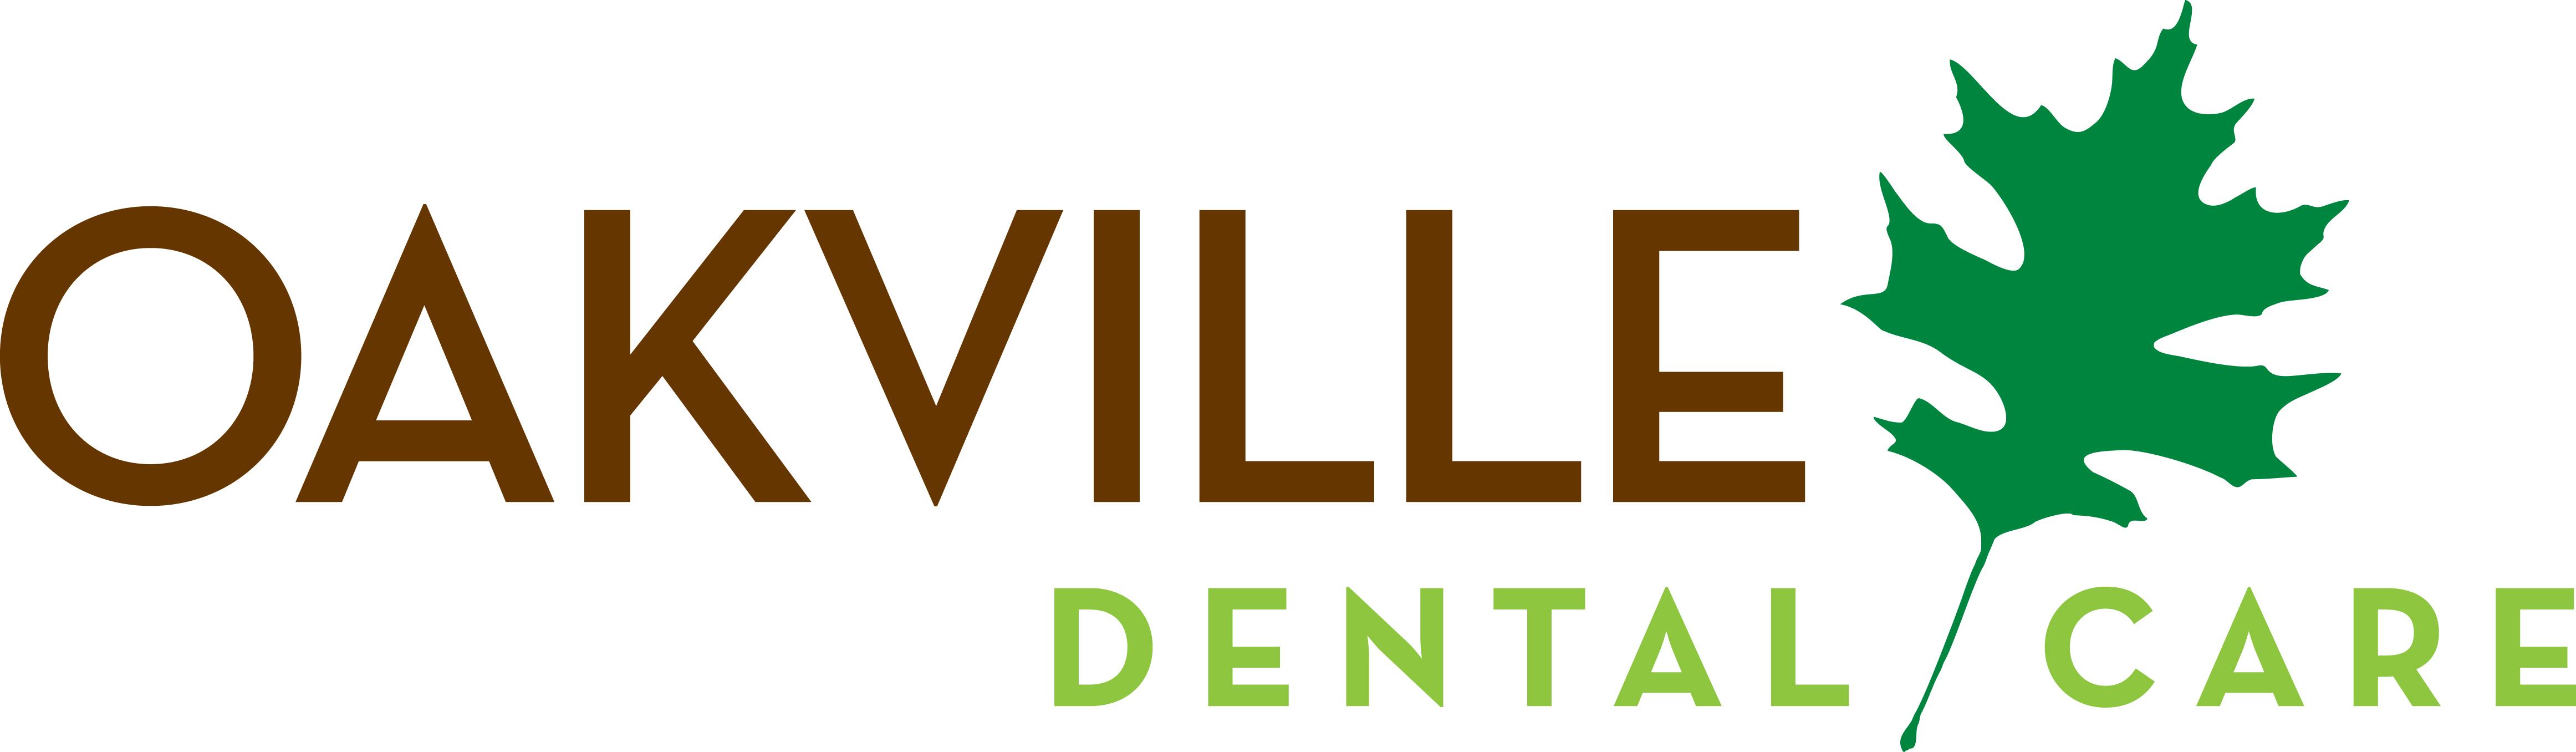 Oakville Dental Care